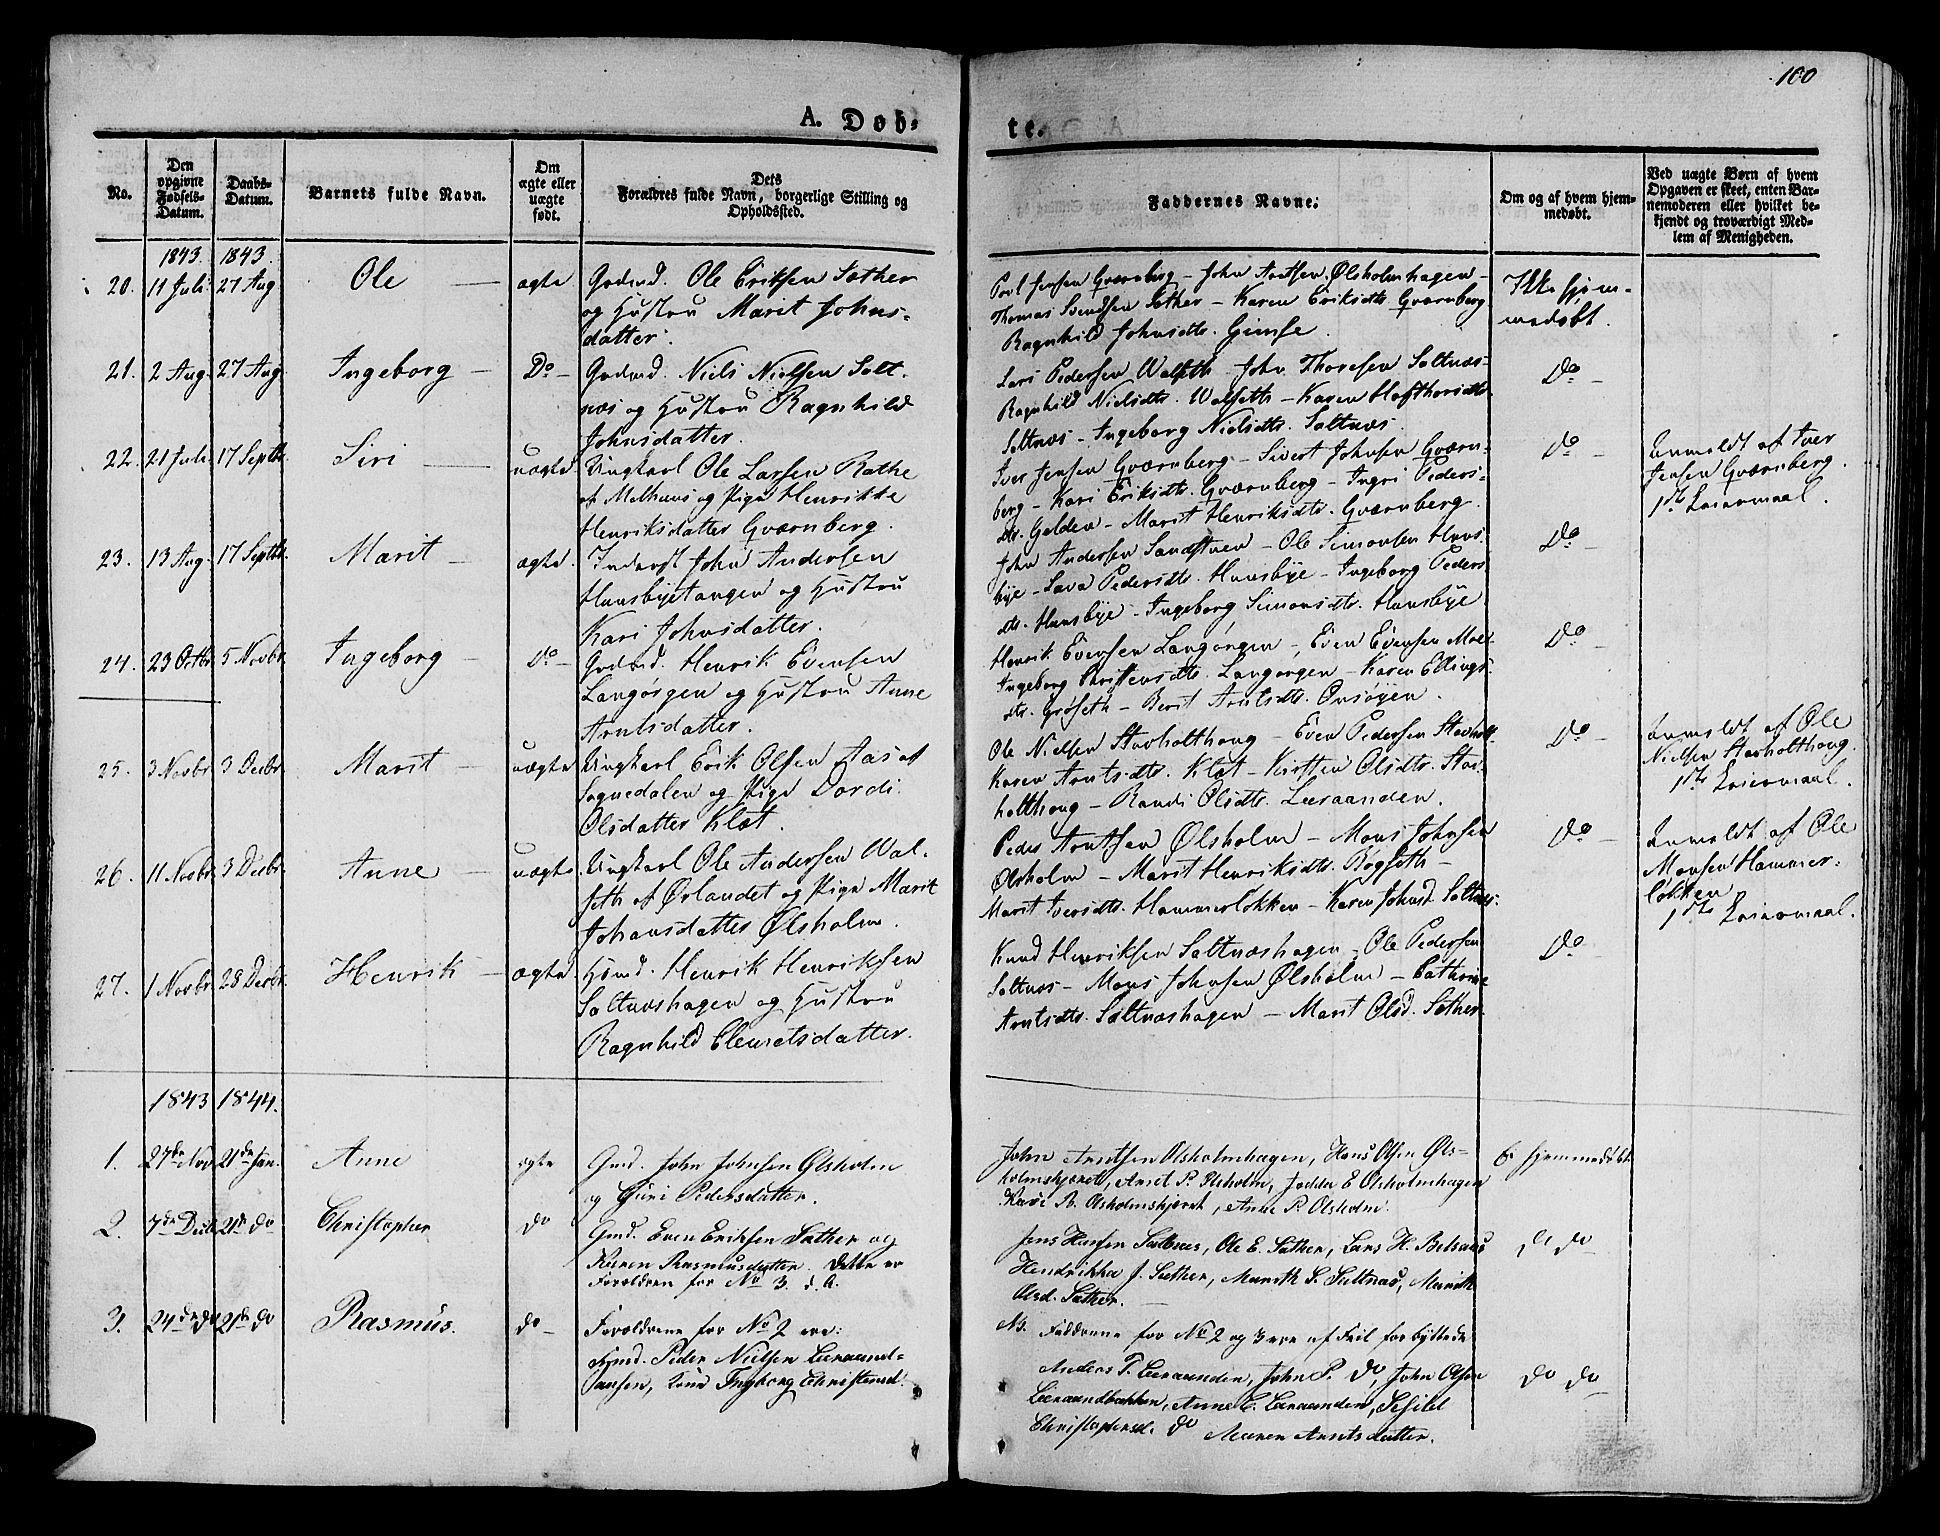 SAT, Ministerialprotokoller, klokkerbøker og fødselsregistre - Sør-Trøndelag, 612/L0375: Ministerialbok nr. 612A07 /2, 1829-1845, s. 100